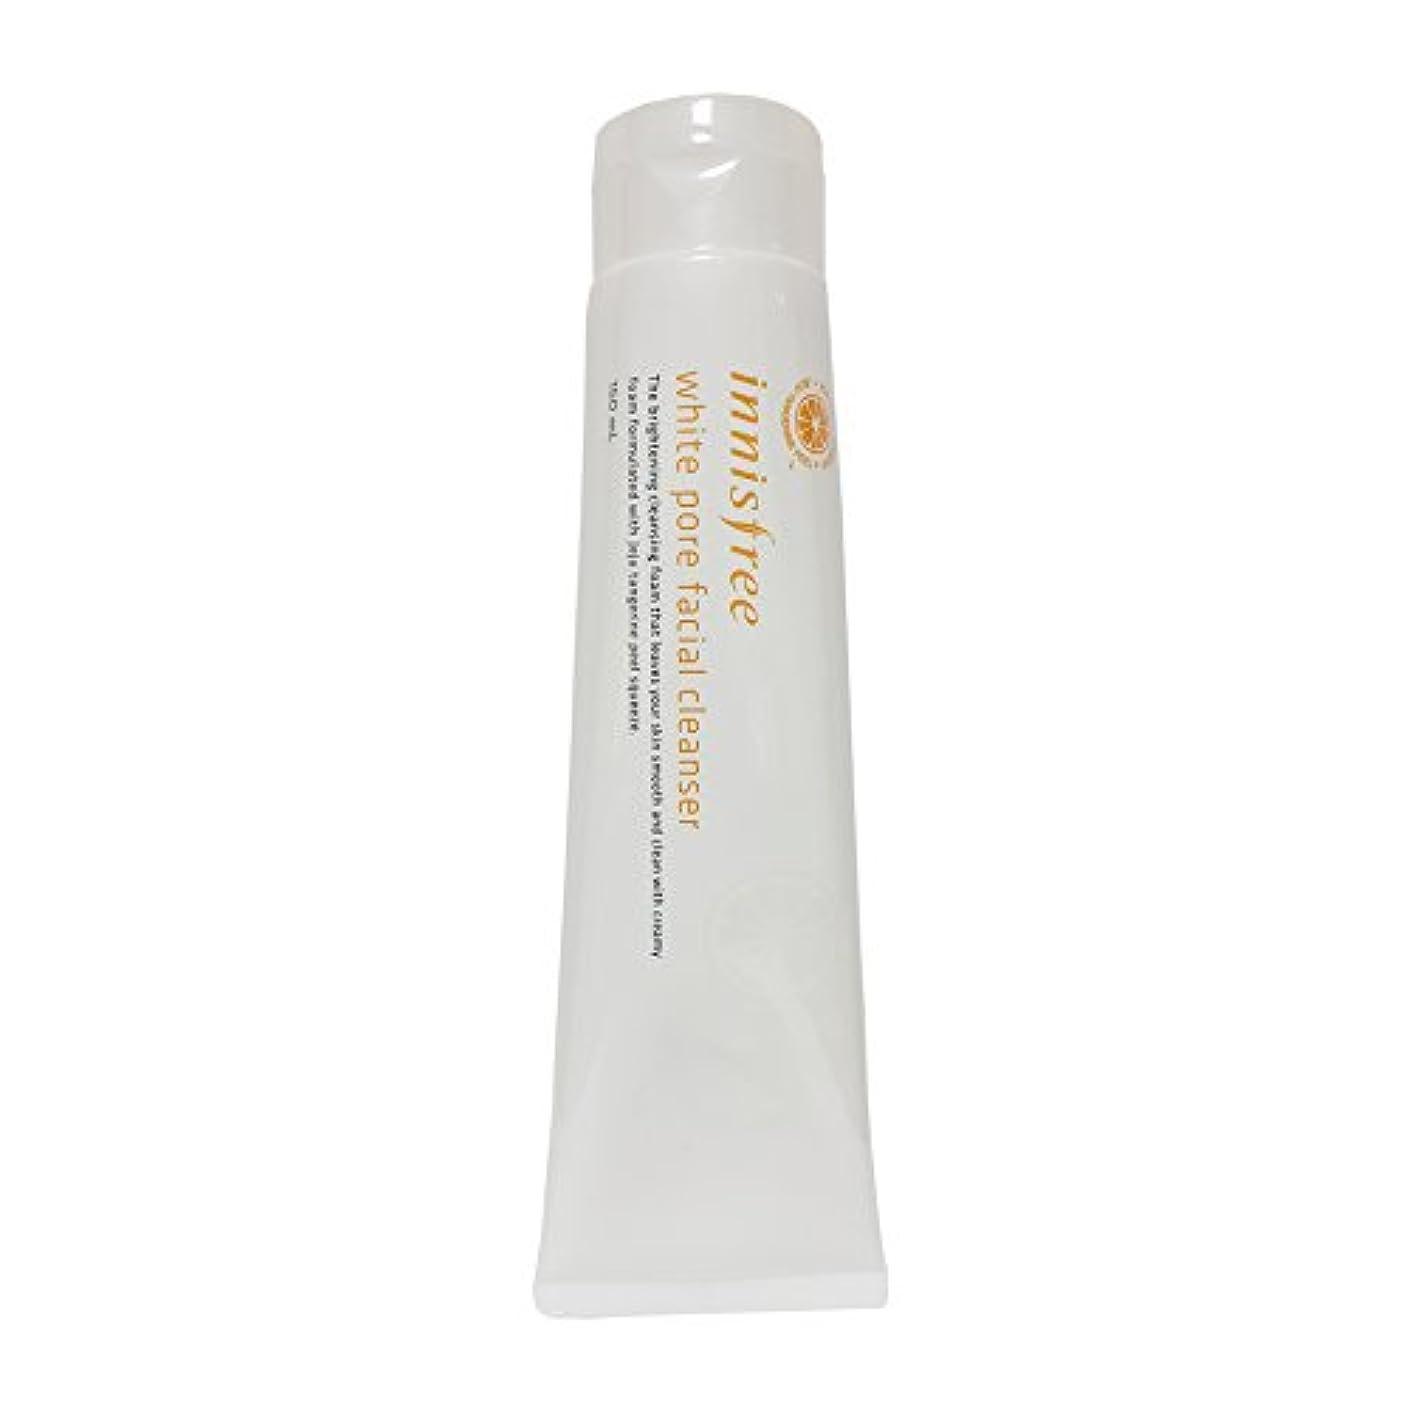 組立連合錆び[イニスフリー] Innisfree ホワイト毛穴フェイシャルクレンザー (150ml) Innisfree White Pore Facial Cleanser(150ml) [海外直送品]